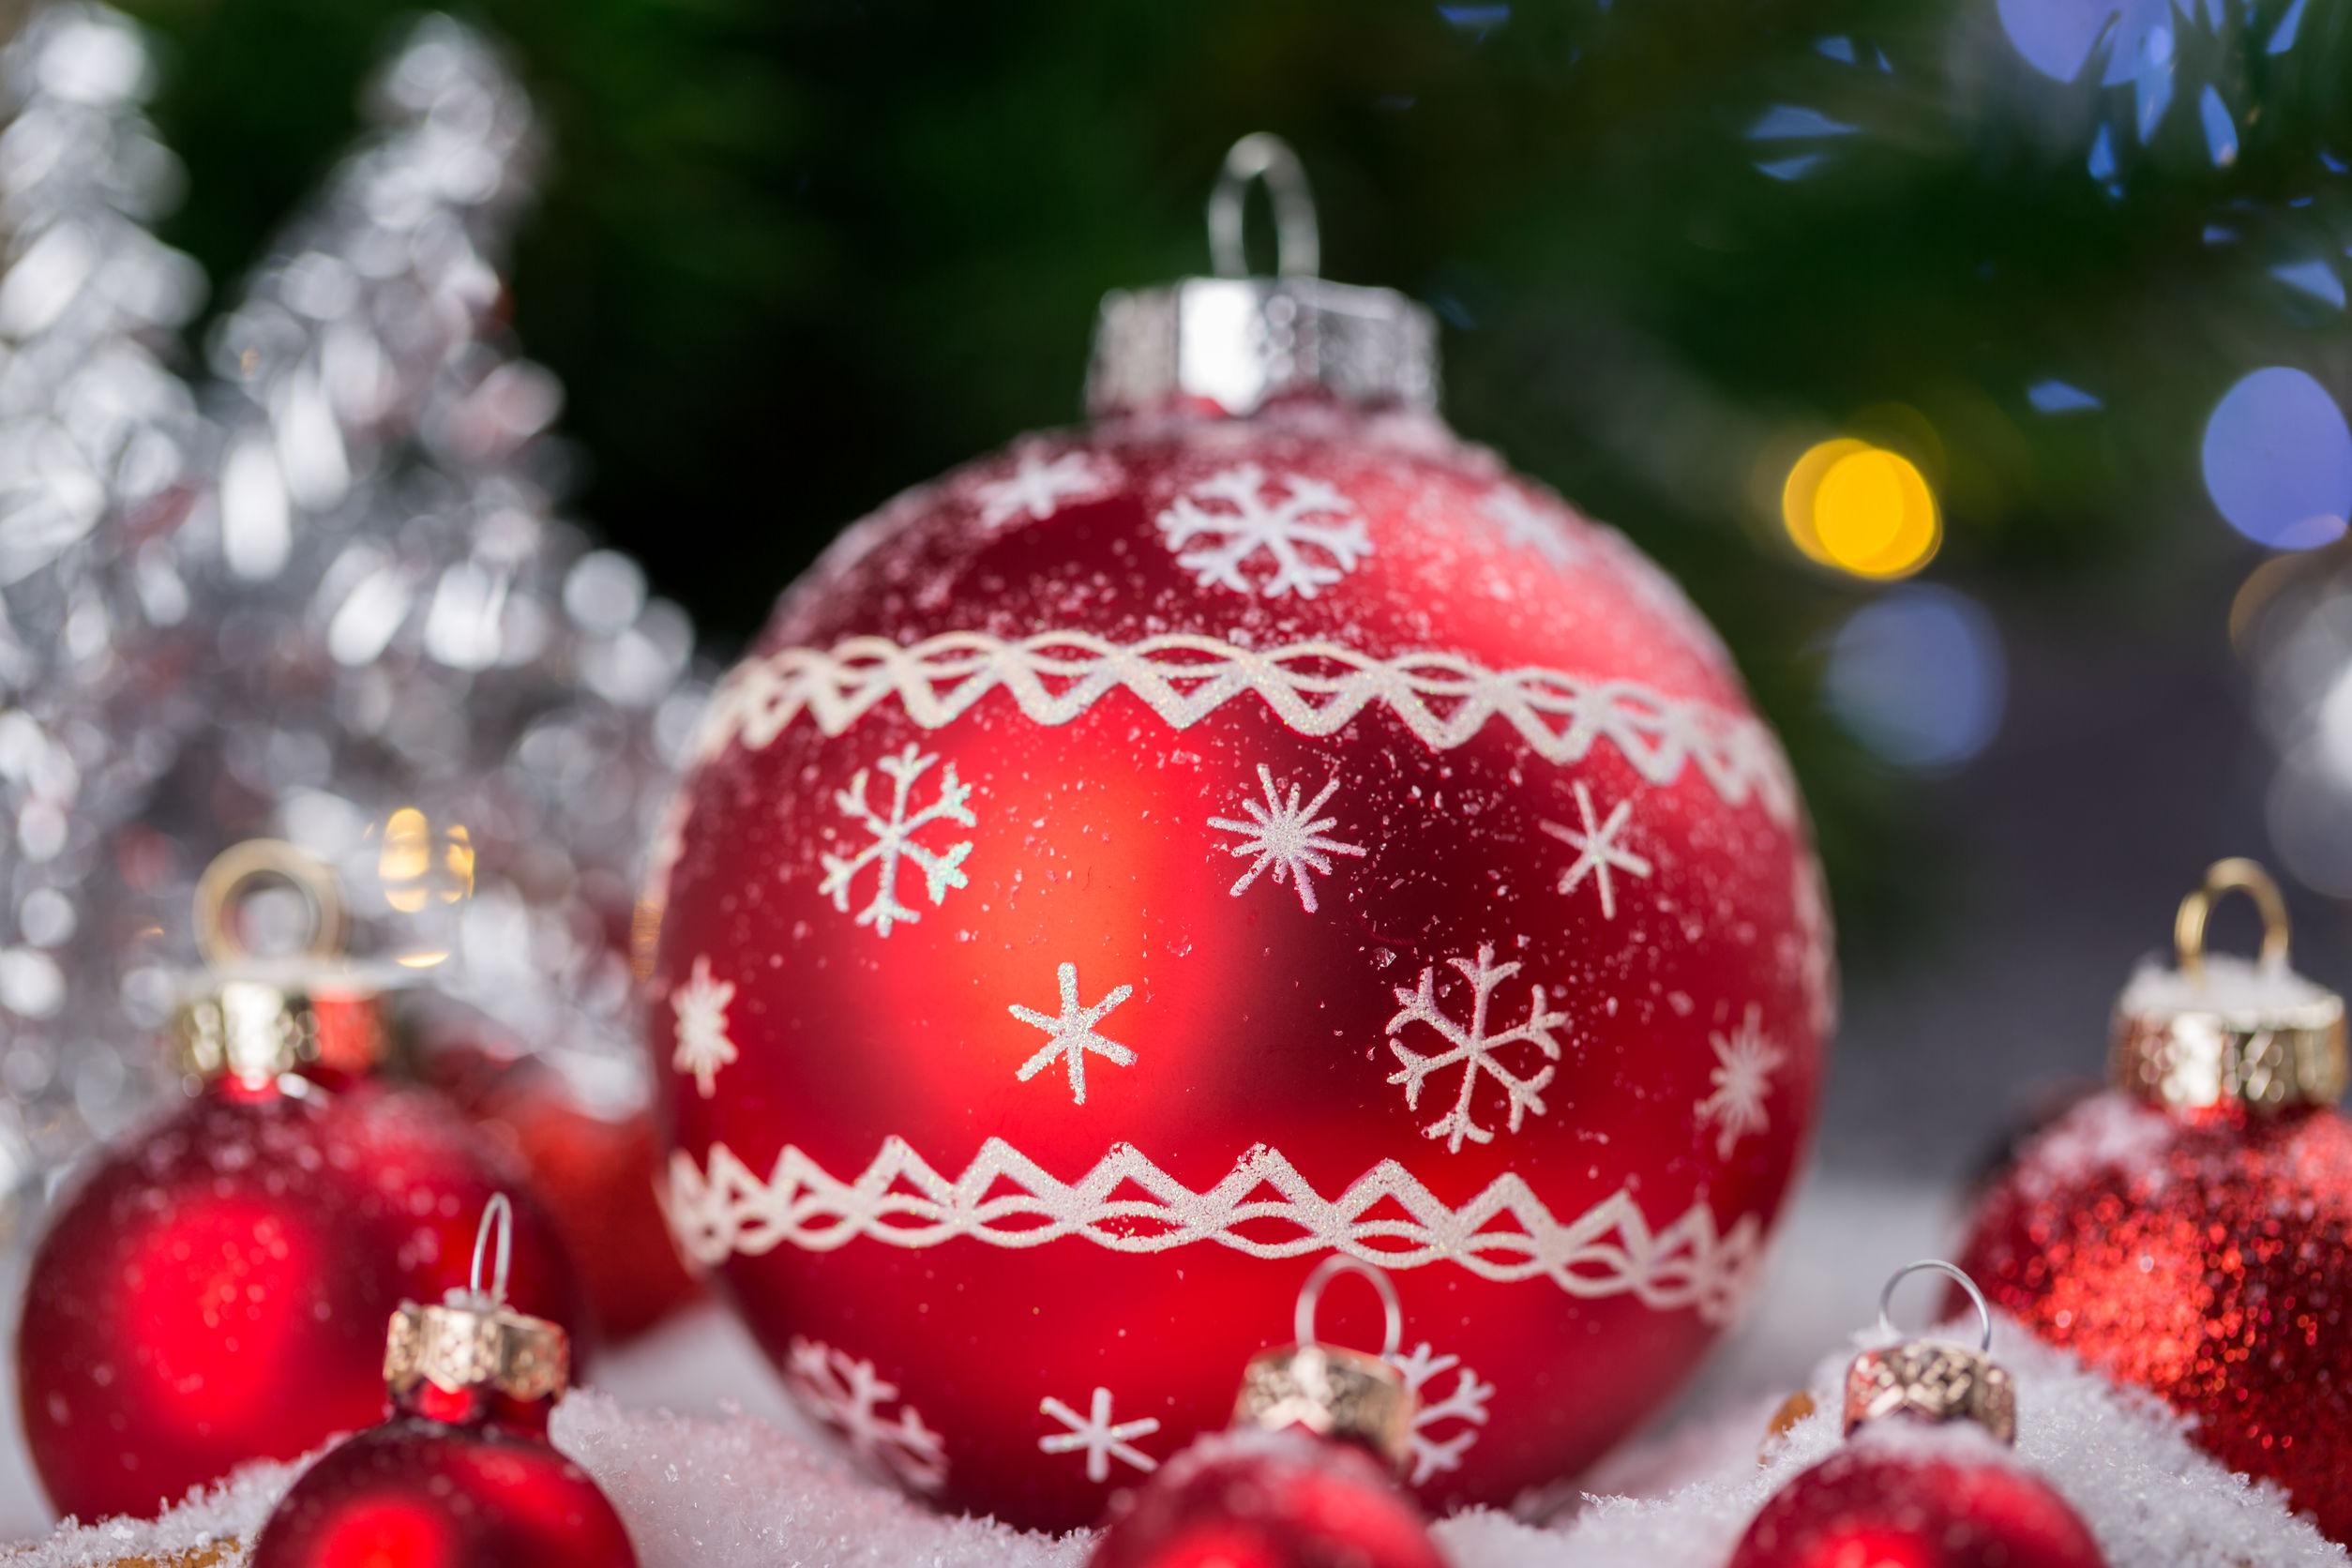 Lauscha Weihnachtskugeln: Test & Empfehlungen (01/20)